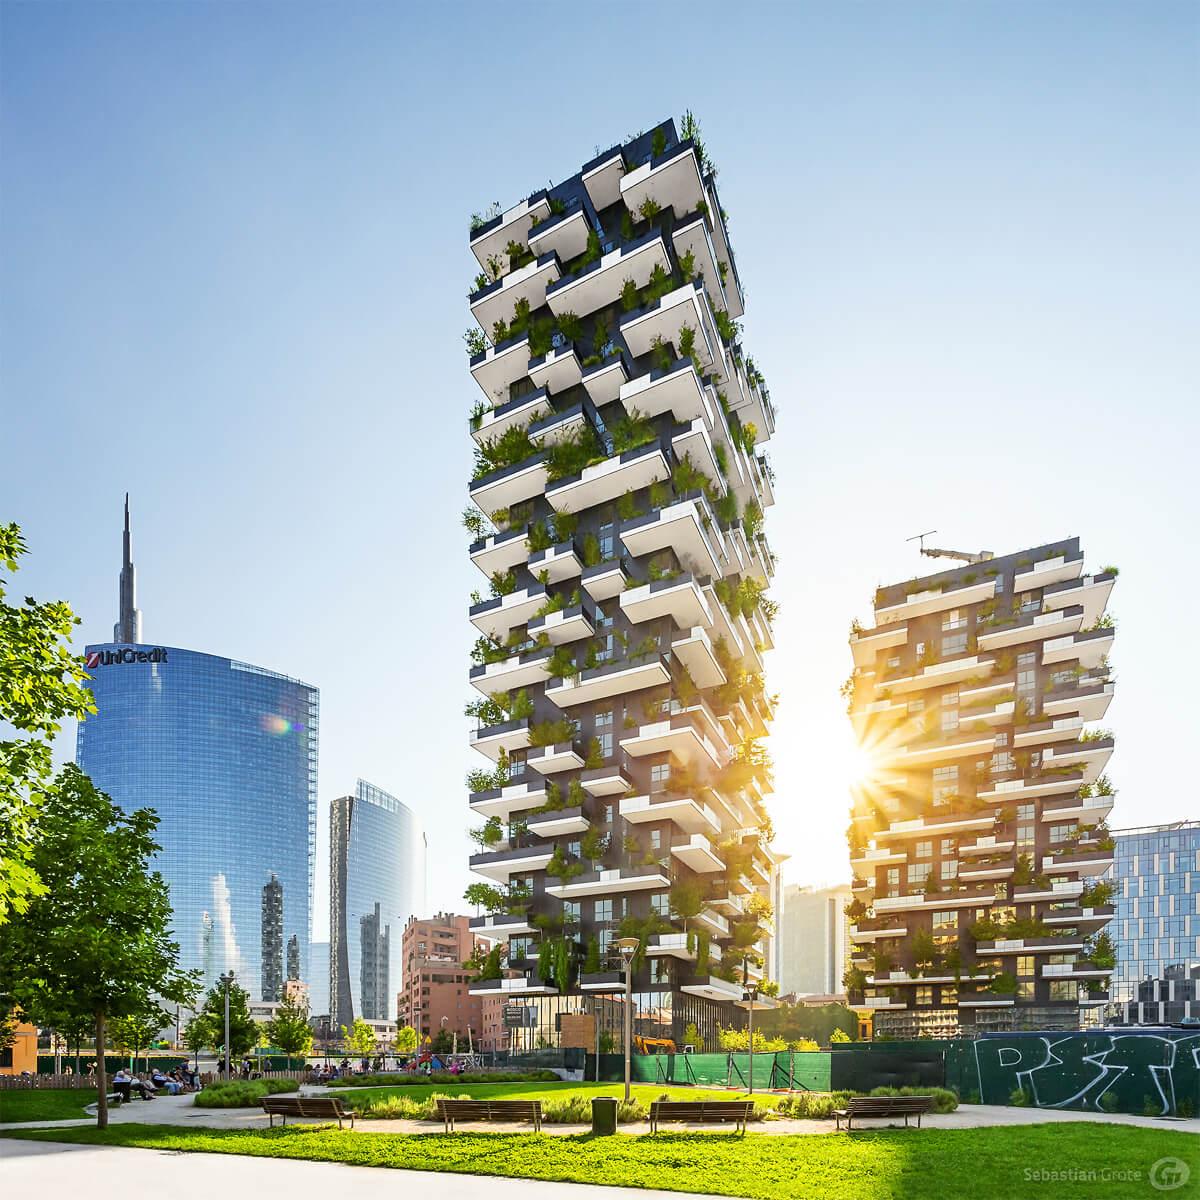 Bosco Verticale - Green Skyscraper